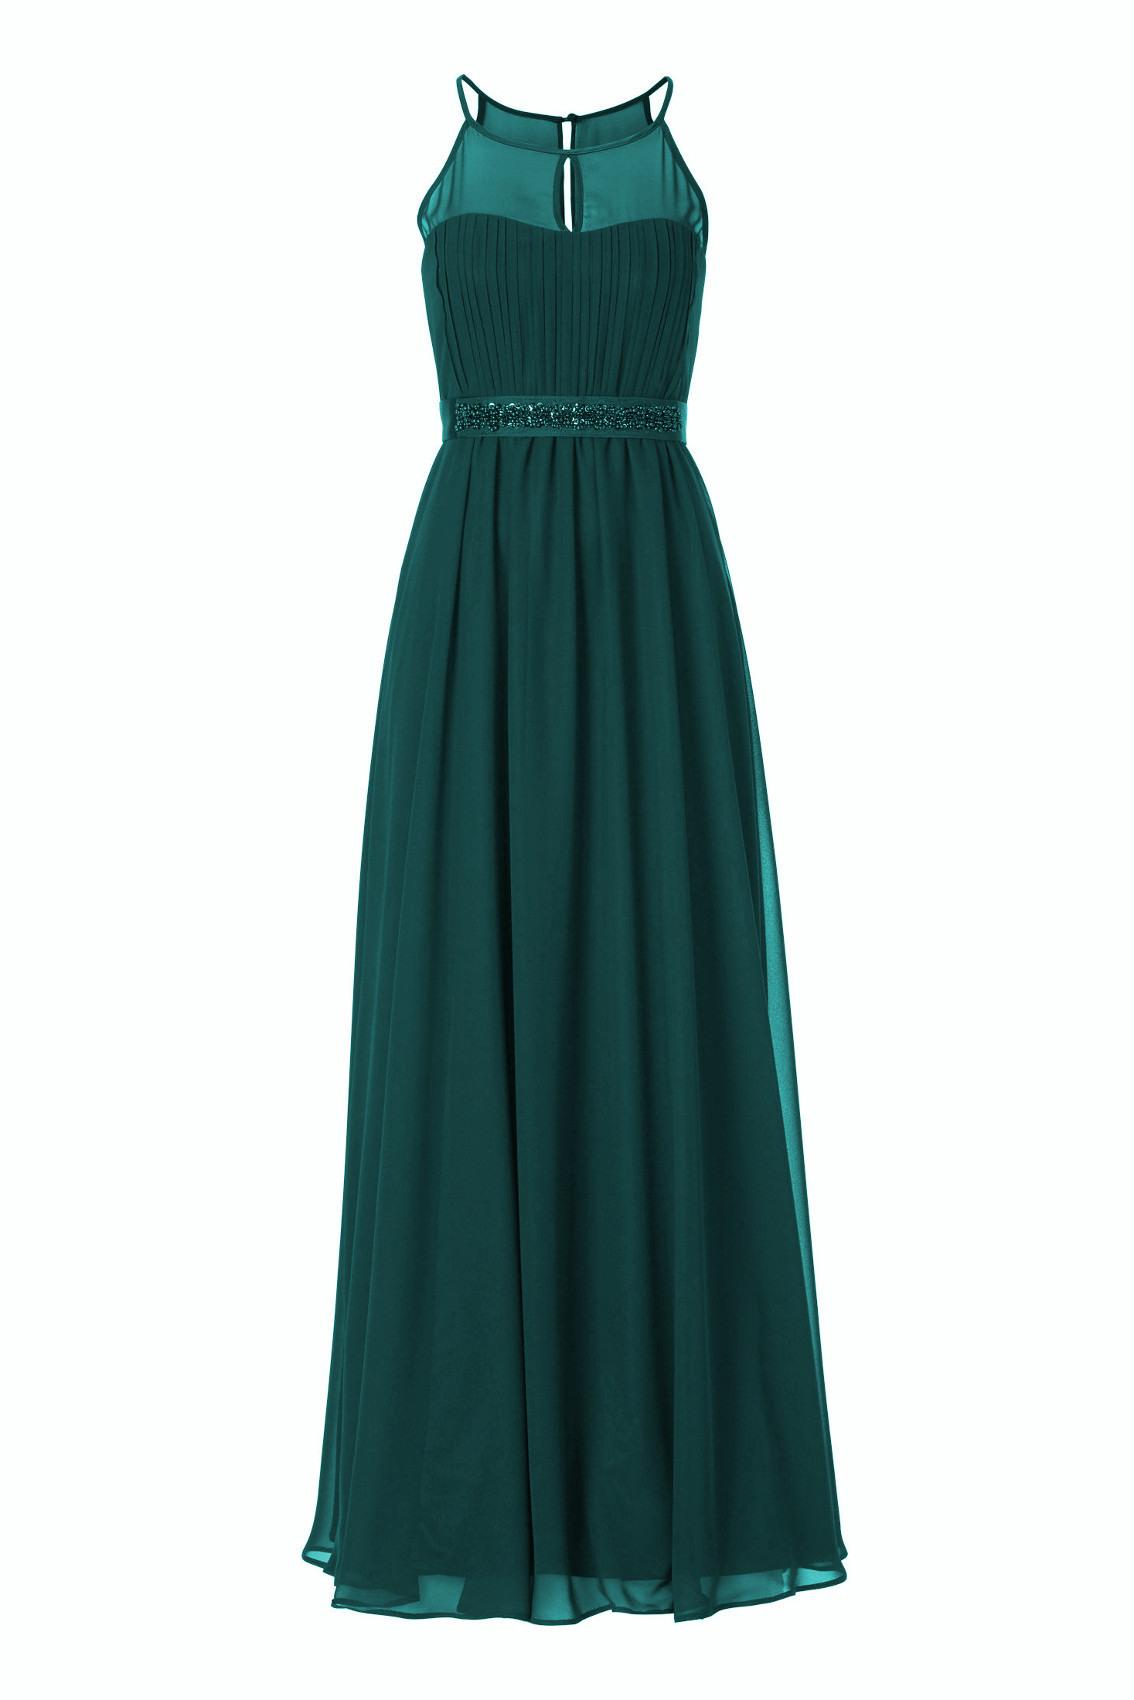 Abend Schön Dunkelgrünes Abendkleid Boutique20 Großartig Dunkelgrünes Abendkleid Design